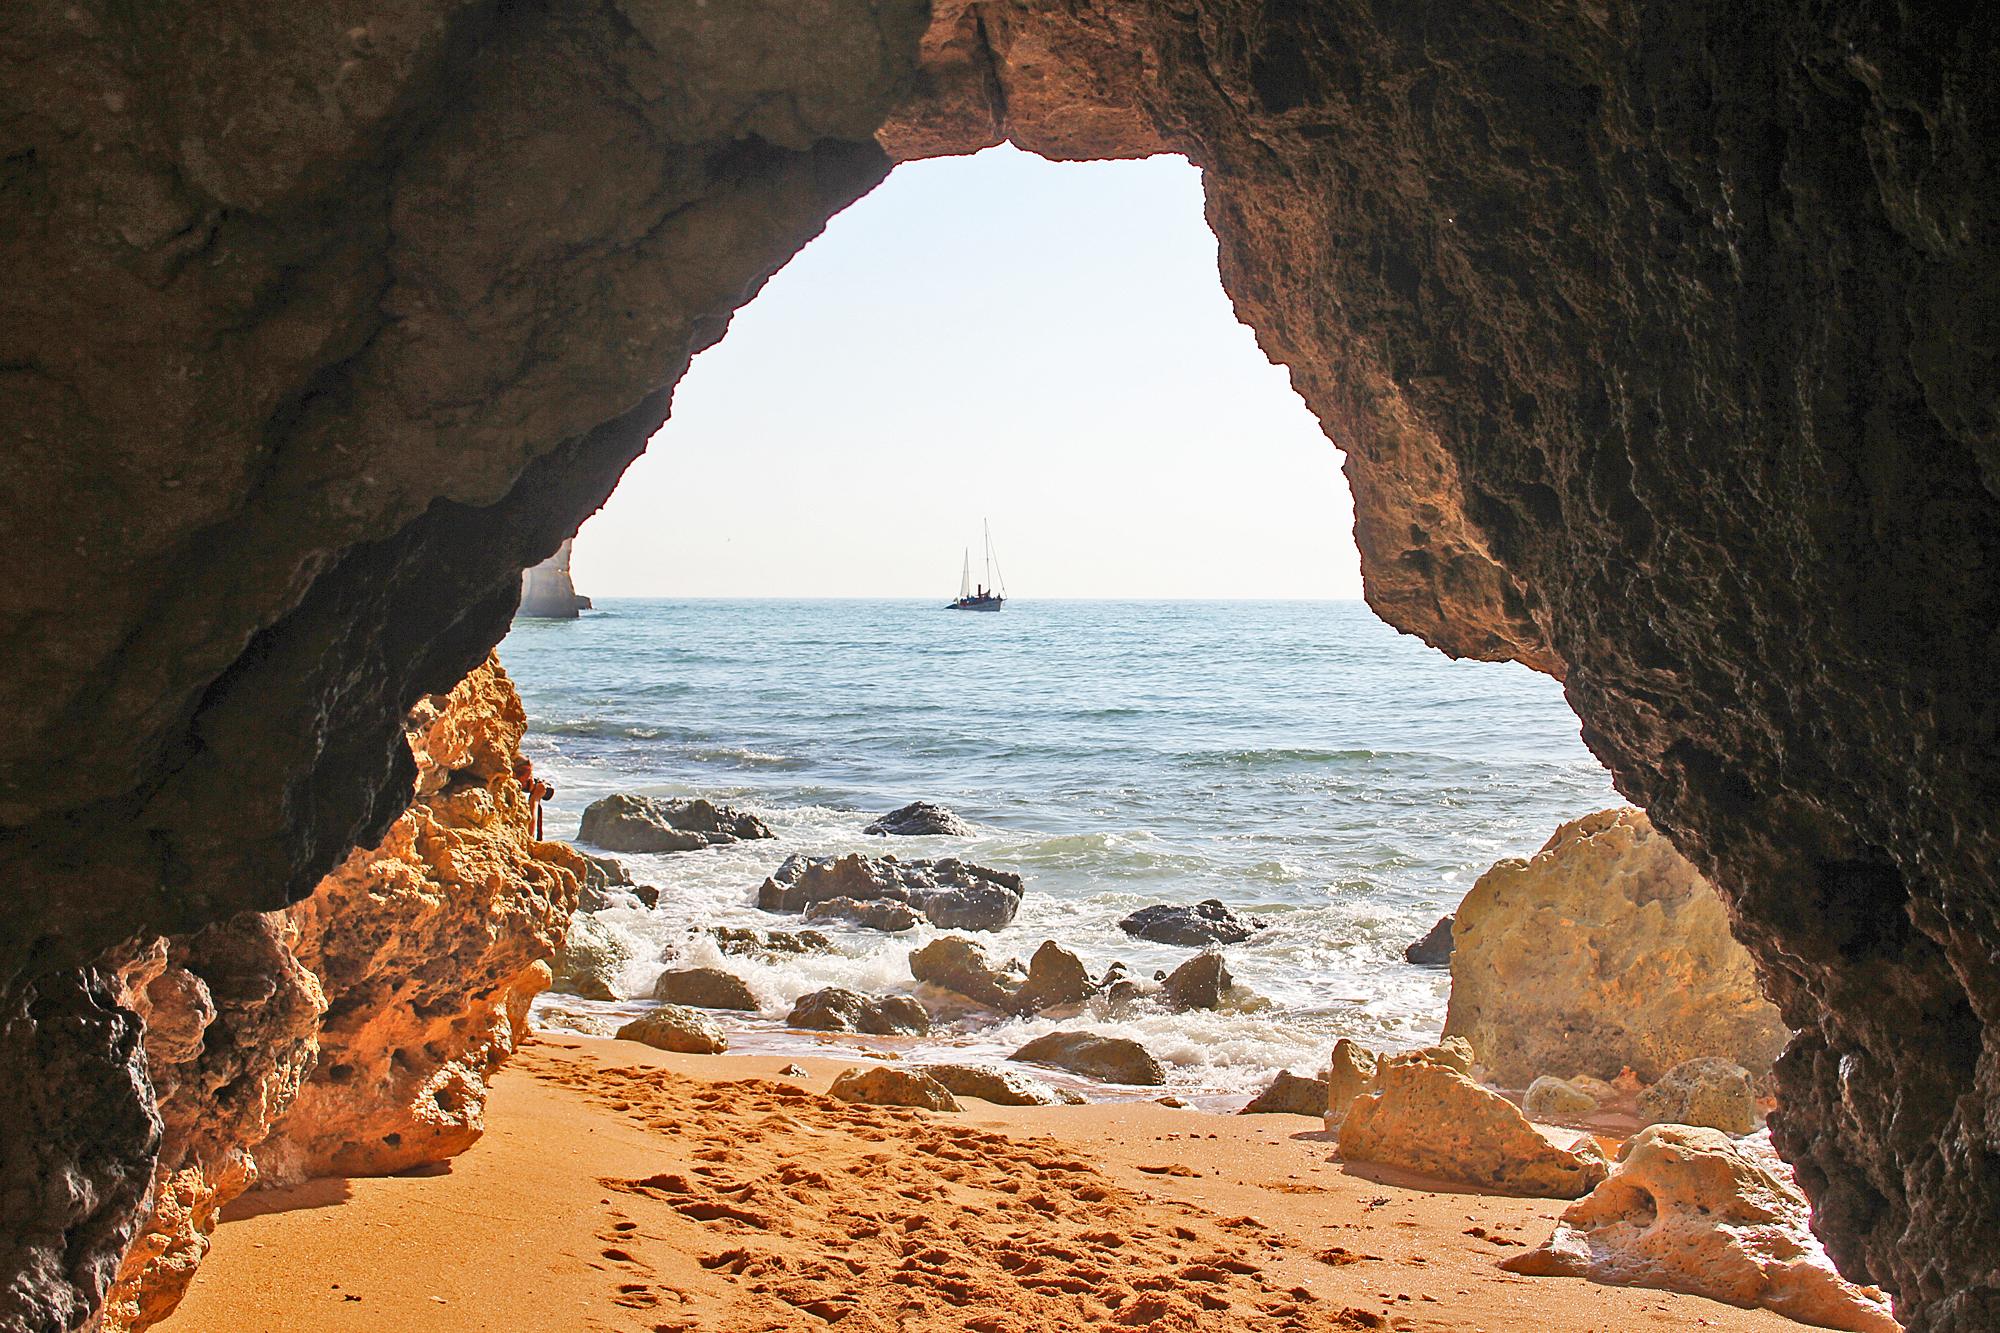 Praia da Coelha - Strand von Coelha 36